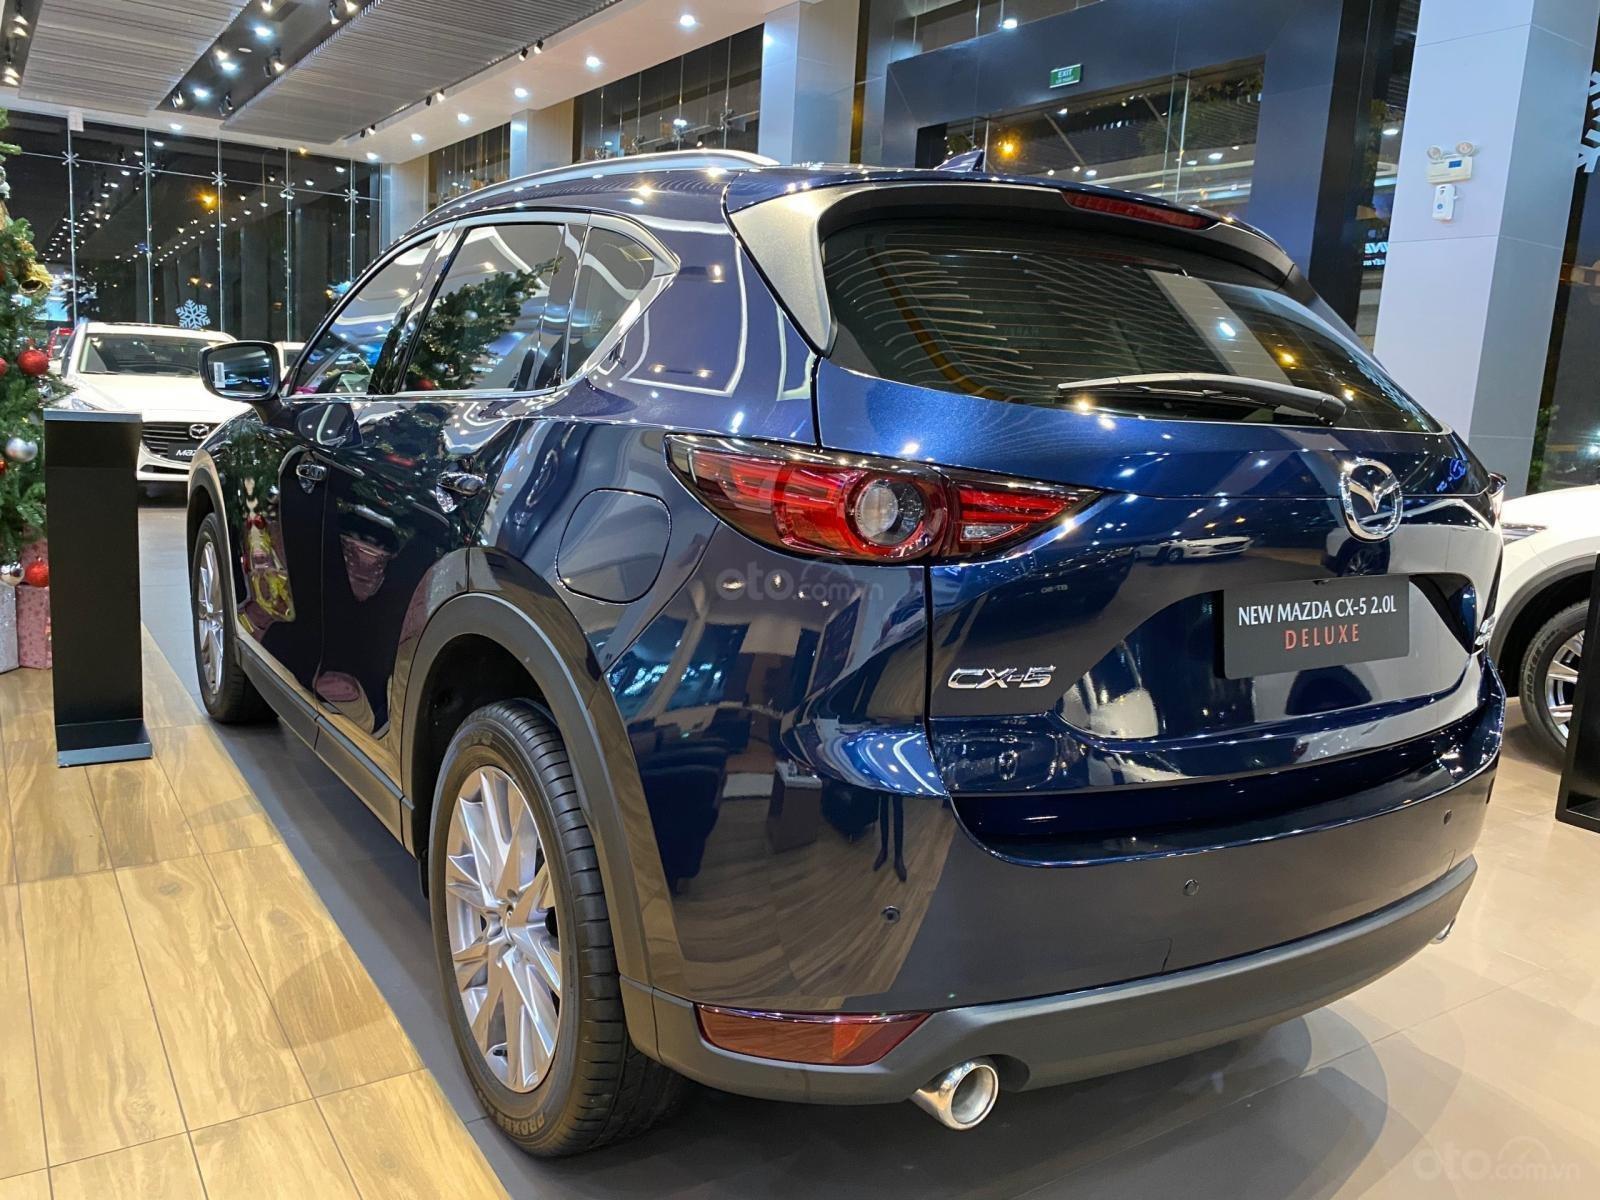 Mazda CX5 2020 mới giảm ngay 50% thuế trước bạ, trả góp đến 80% chỉ 230 triệu lấy xe, đủ màu giao ngay (6)